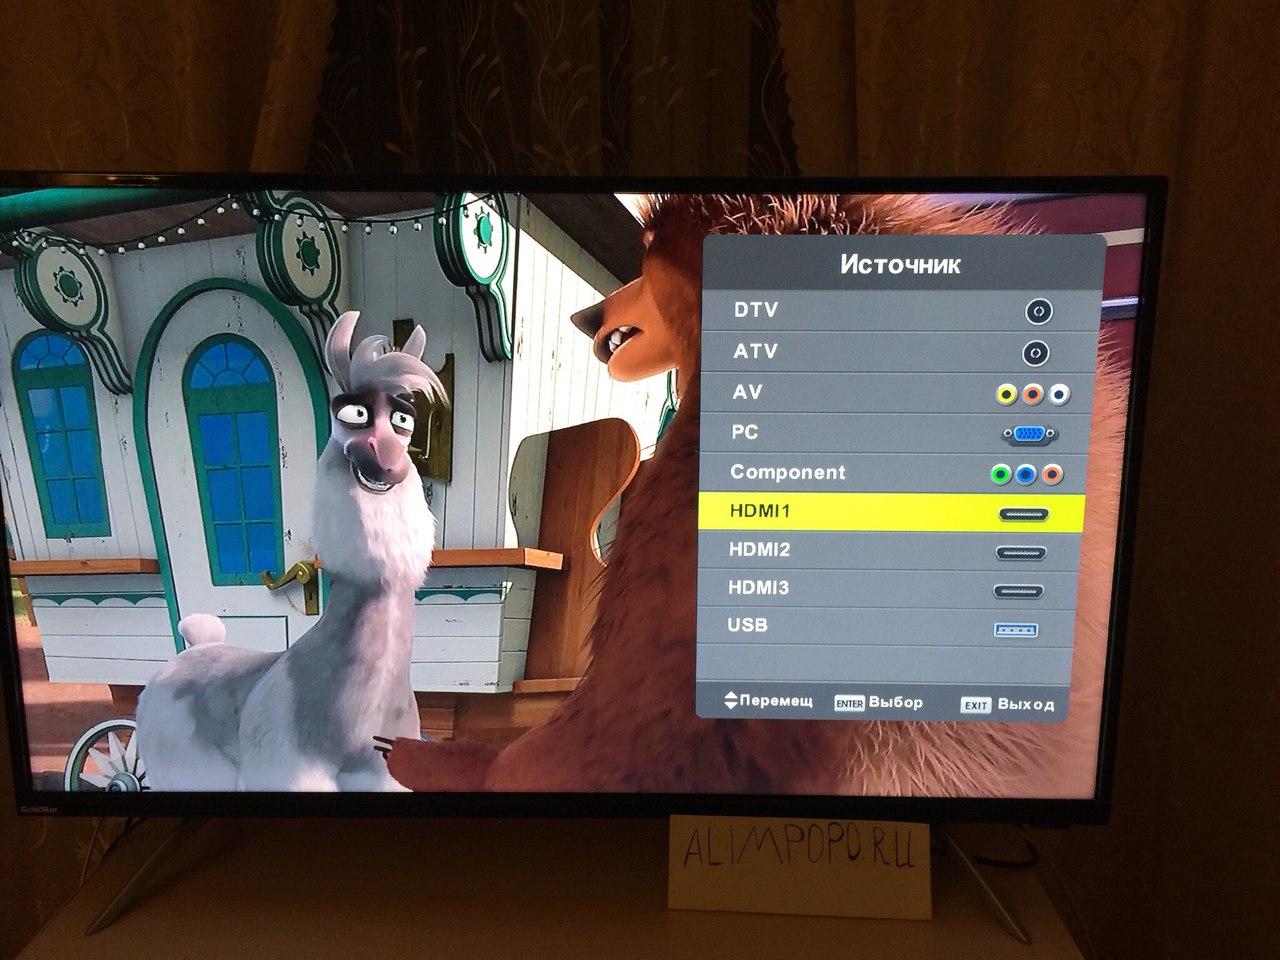 67e163638fa Обзор и отзыв на Большой телевизор Goldstar LT-40T460F - обзор и ...